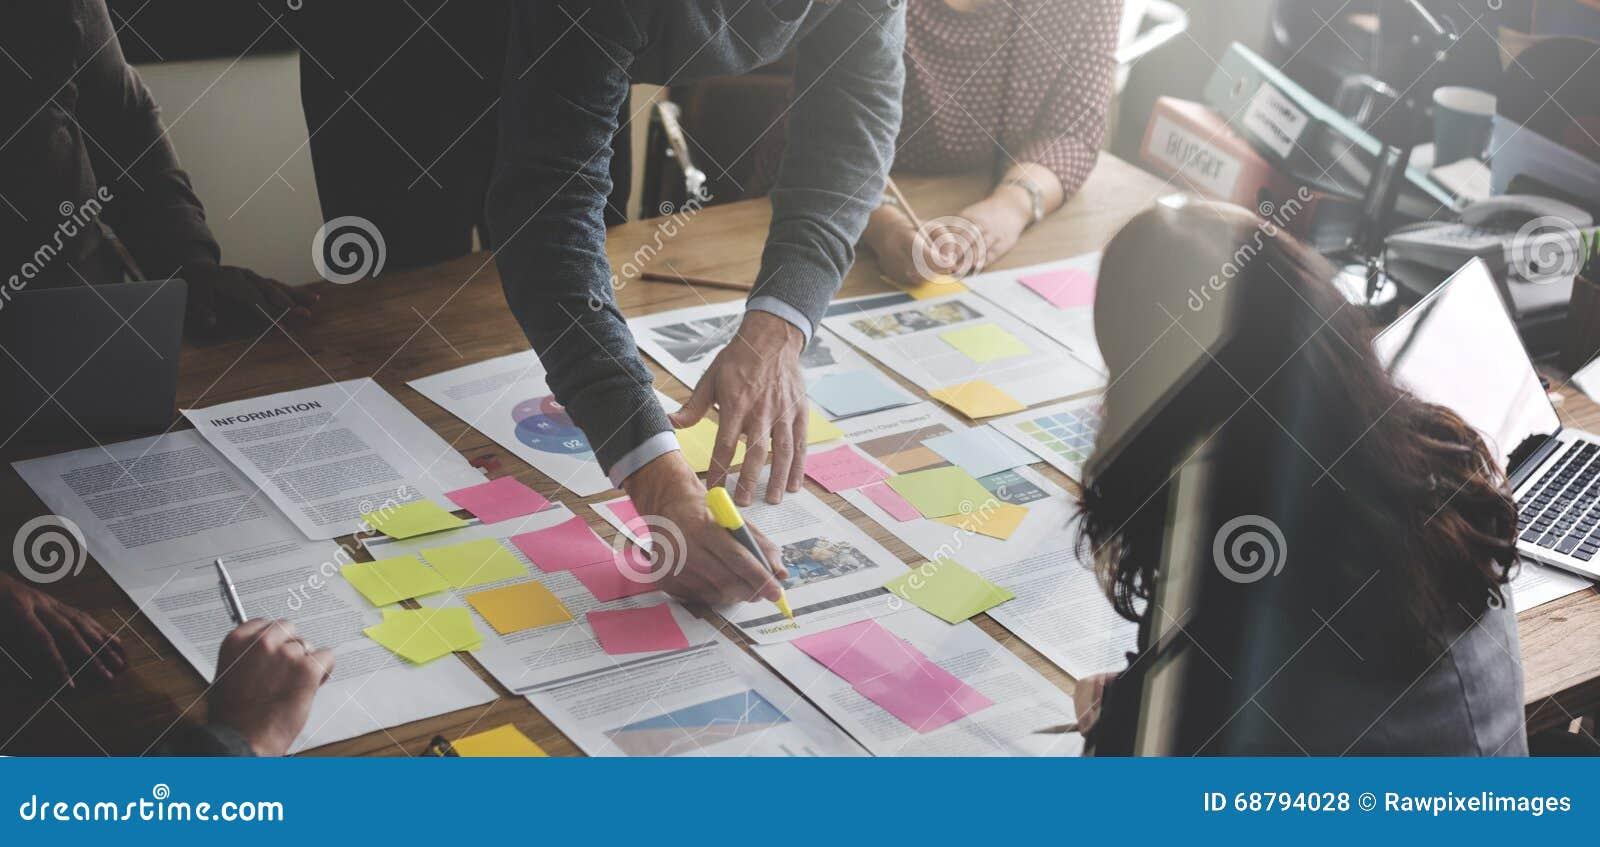 Geschaftsleute Die Strategie Analyse Buro Konzept Planen Stockfoto